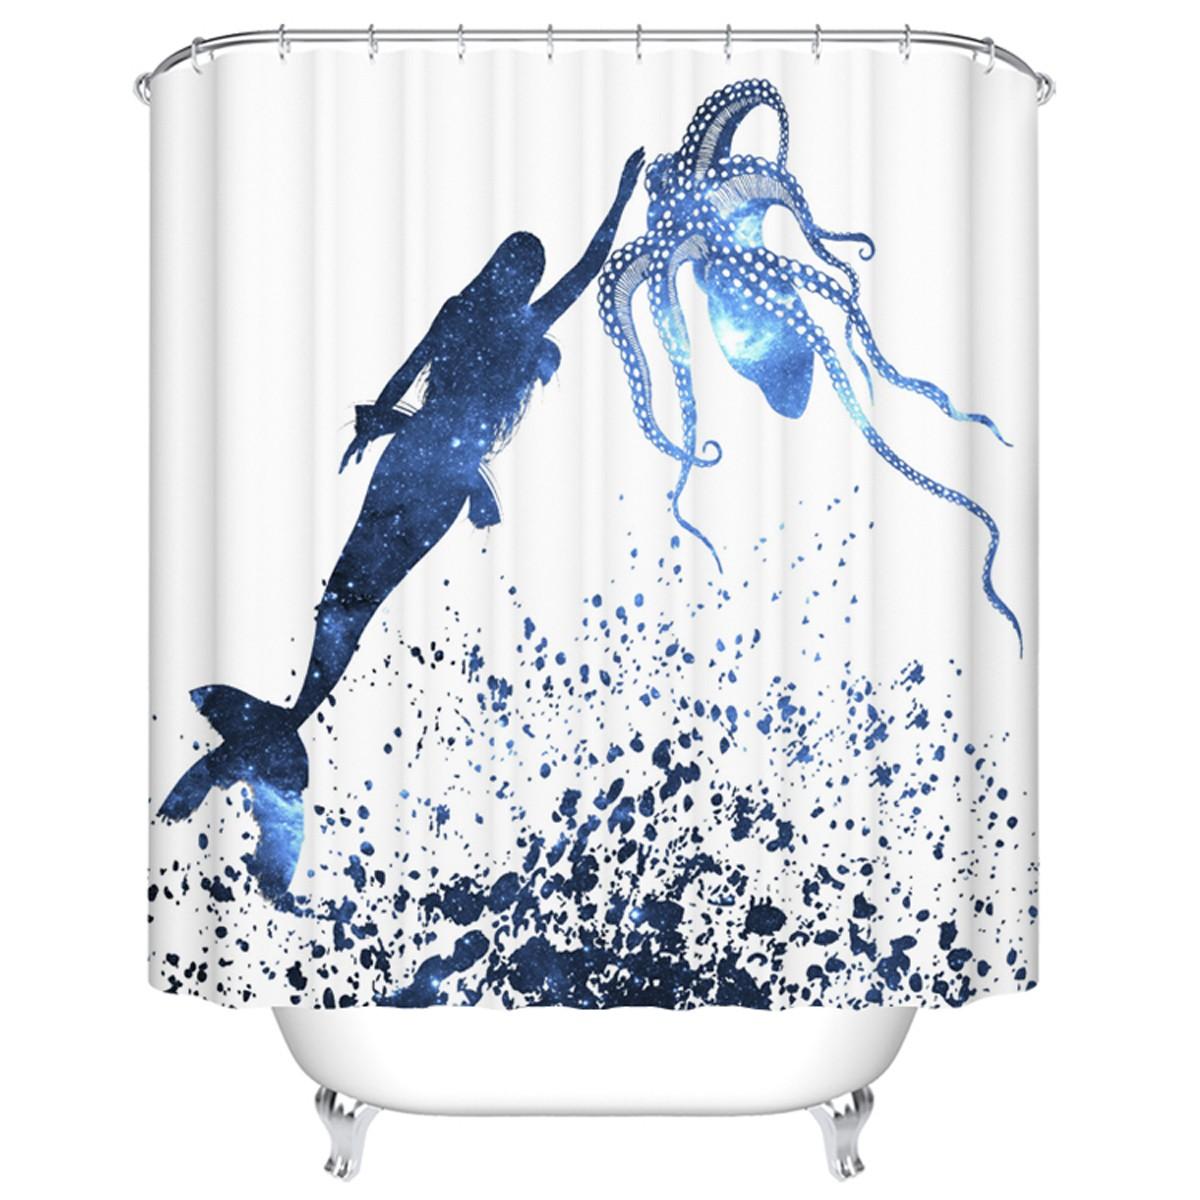 rideau de douche imperm able pour salle de bain 70 l x 72 h dk yt017 decoraport canada. Black Bedroom Furniture Sets. Home Design Ideas